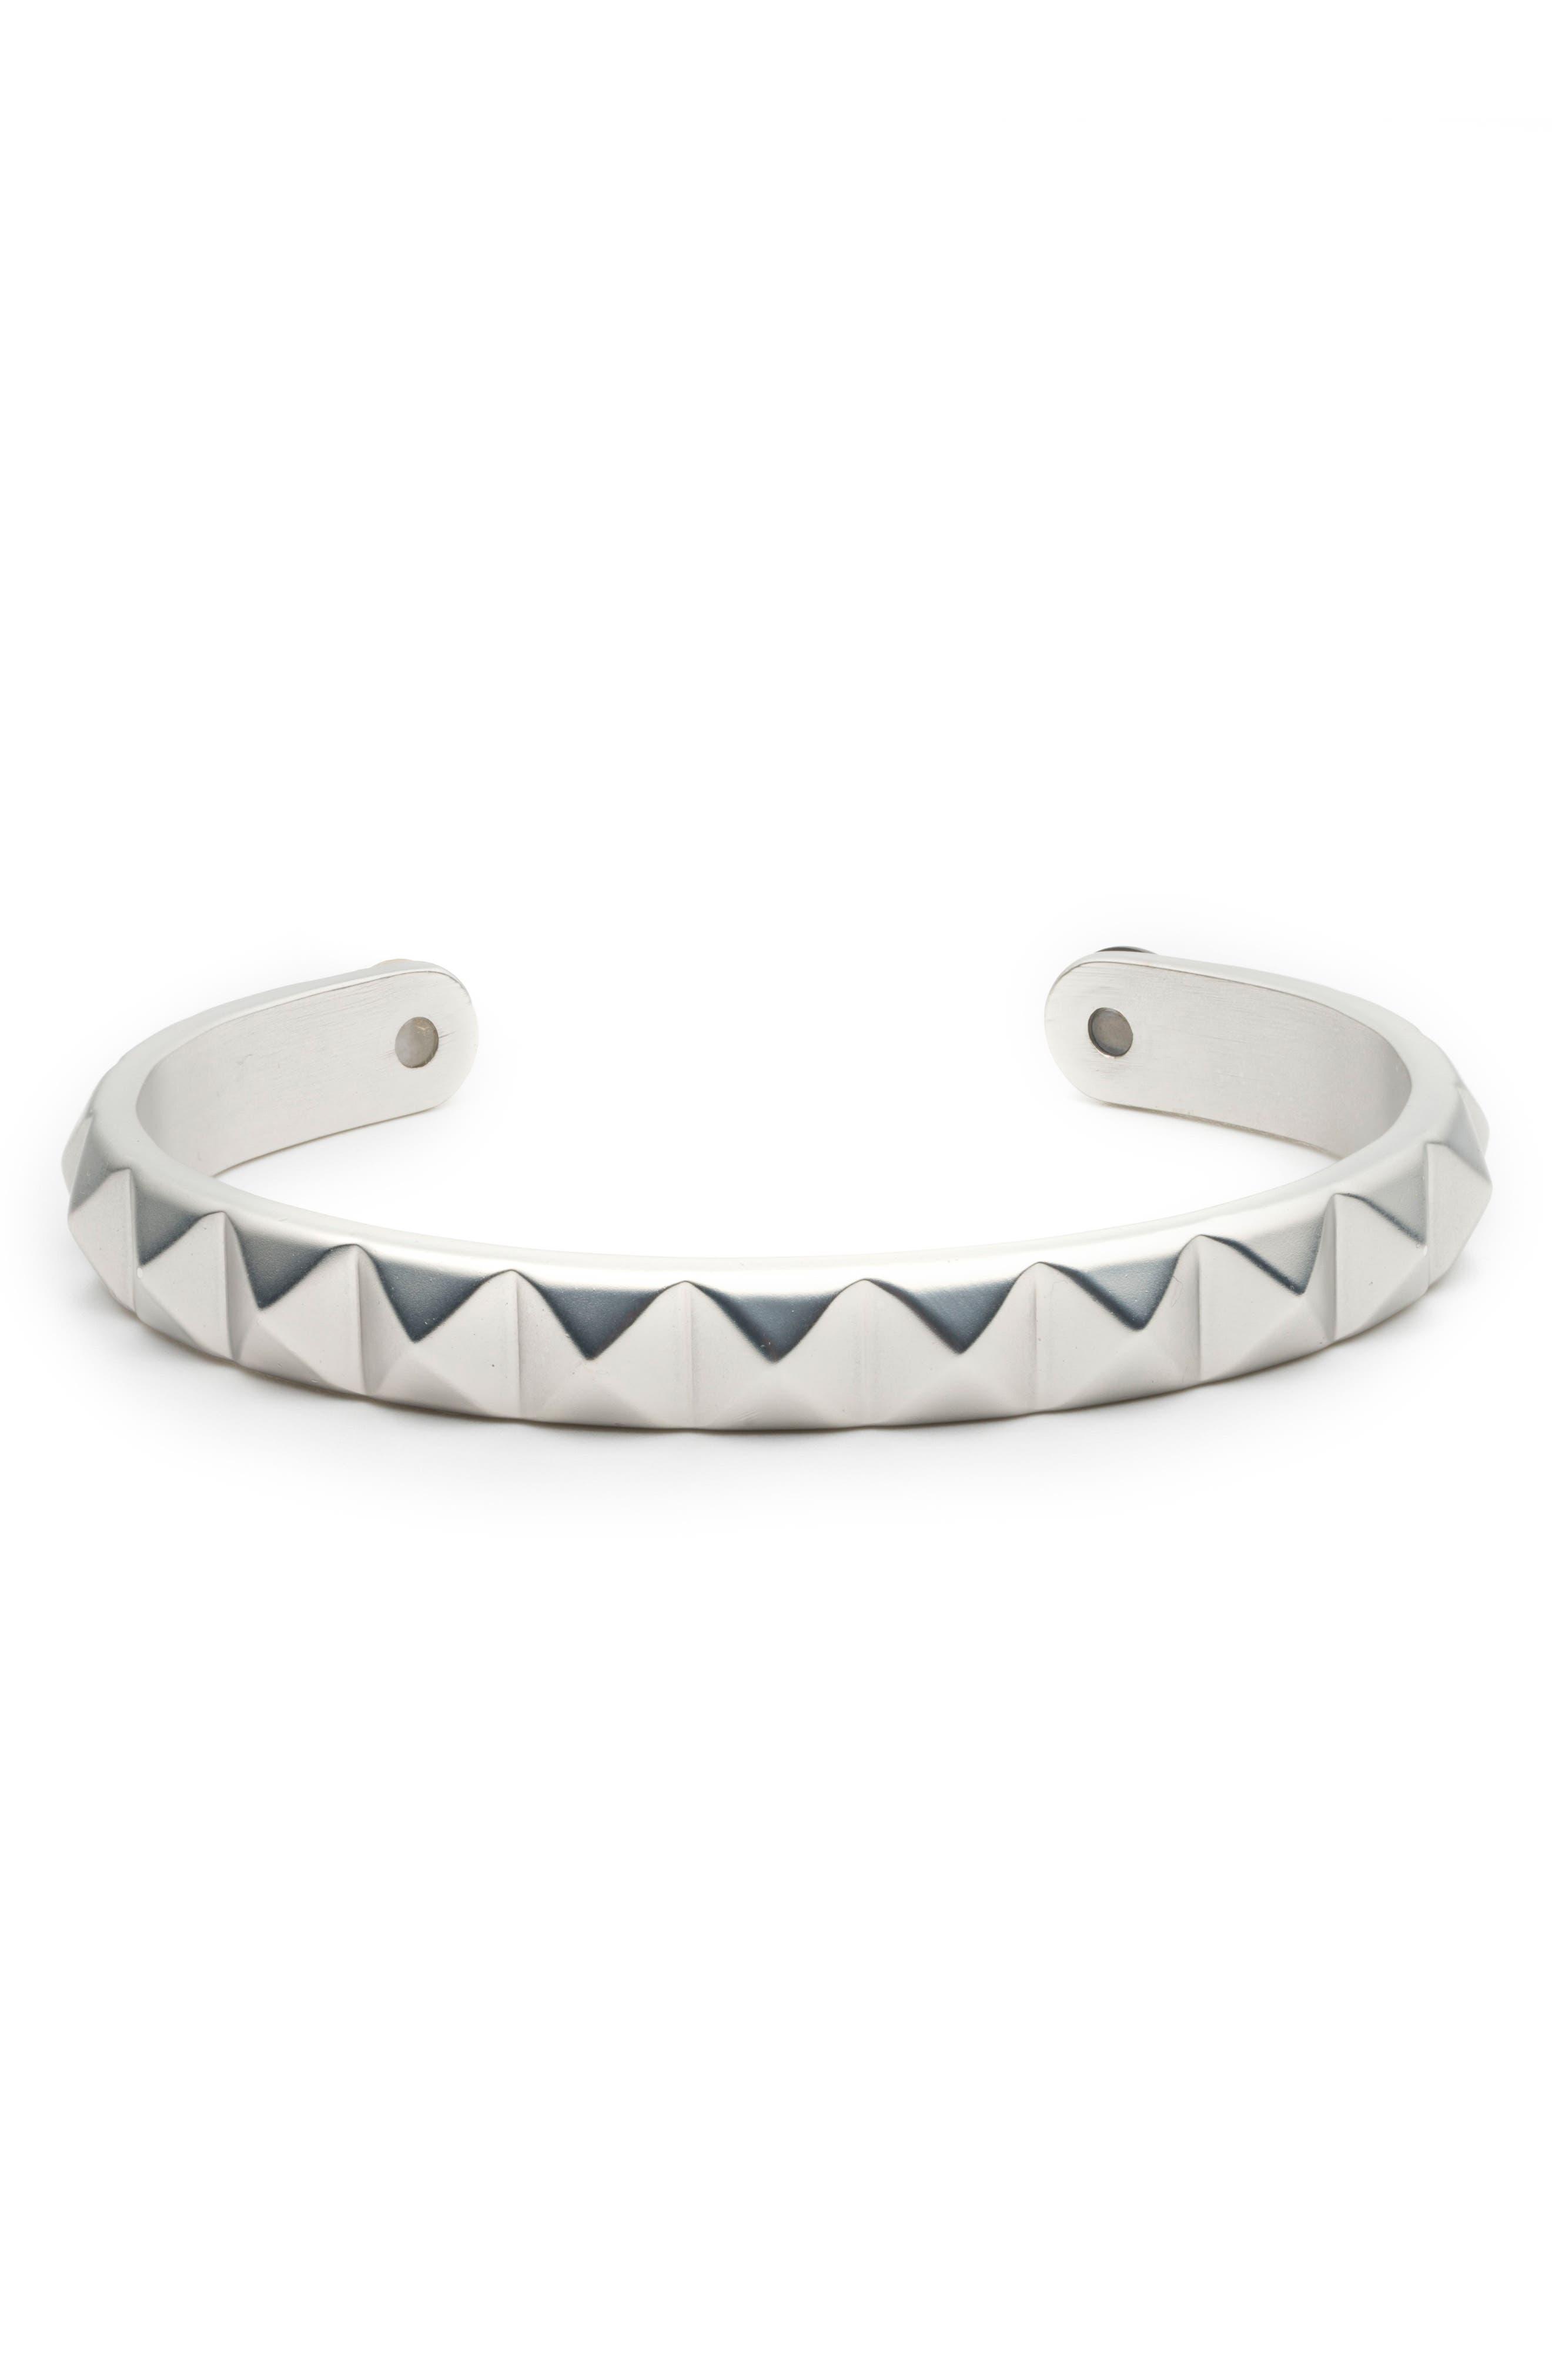 Cuff Bracelet,                             Main thumbnail 2, color,